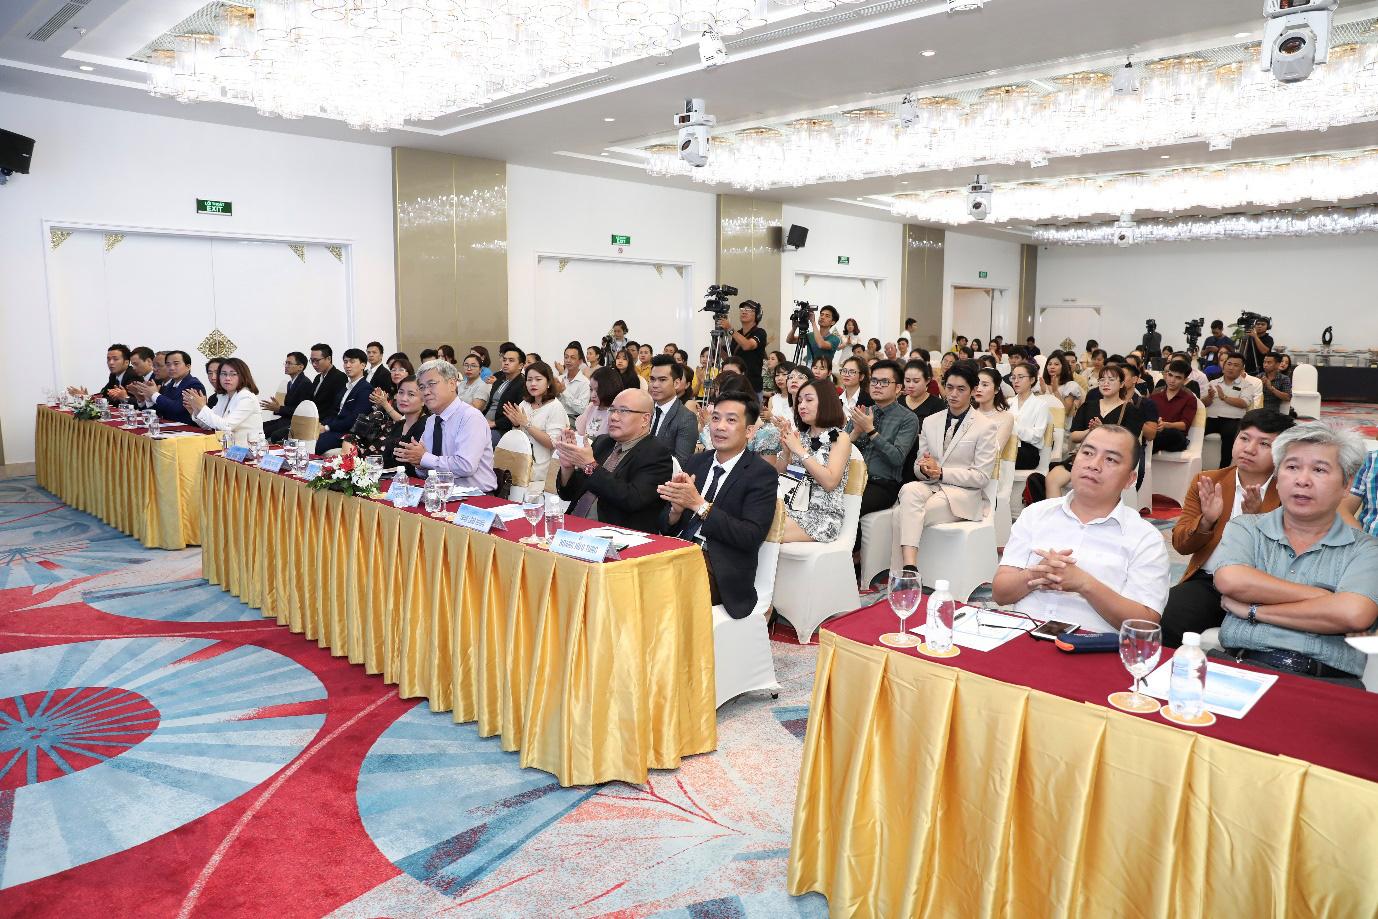 """Hơn 100 bác sĩ và chuyên gia đầu ngành đến dự buổi hội thảo """"An toàn trong phẫu thuật tạo hình thẩm mỹ"""" - Ảnh 3."""